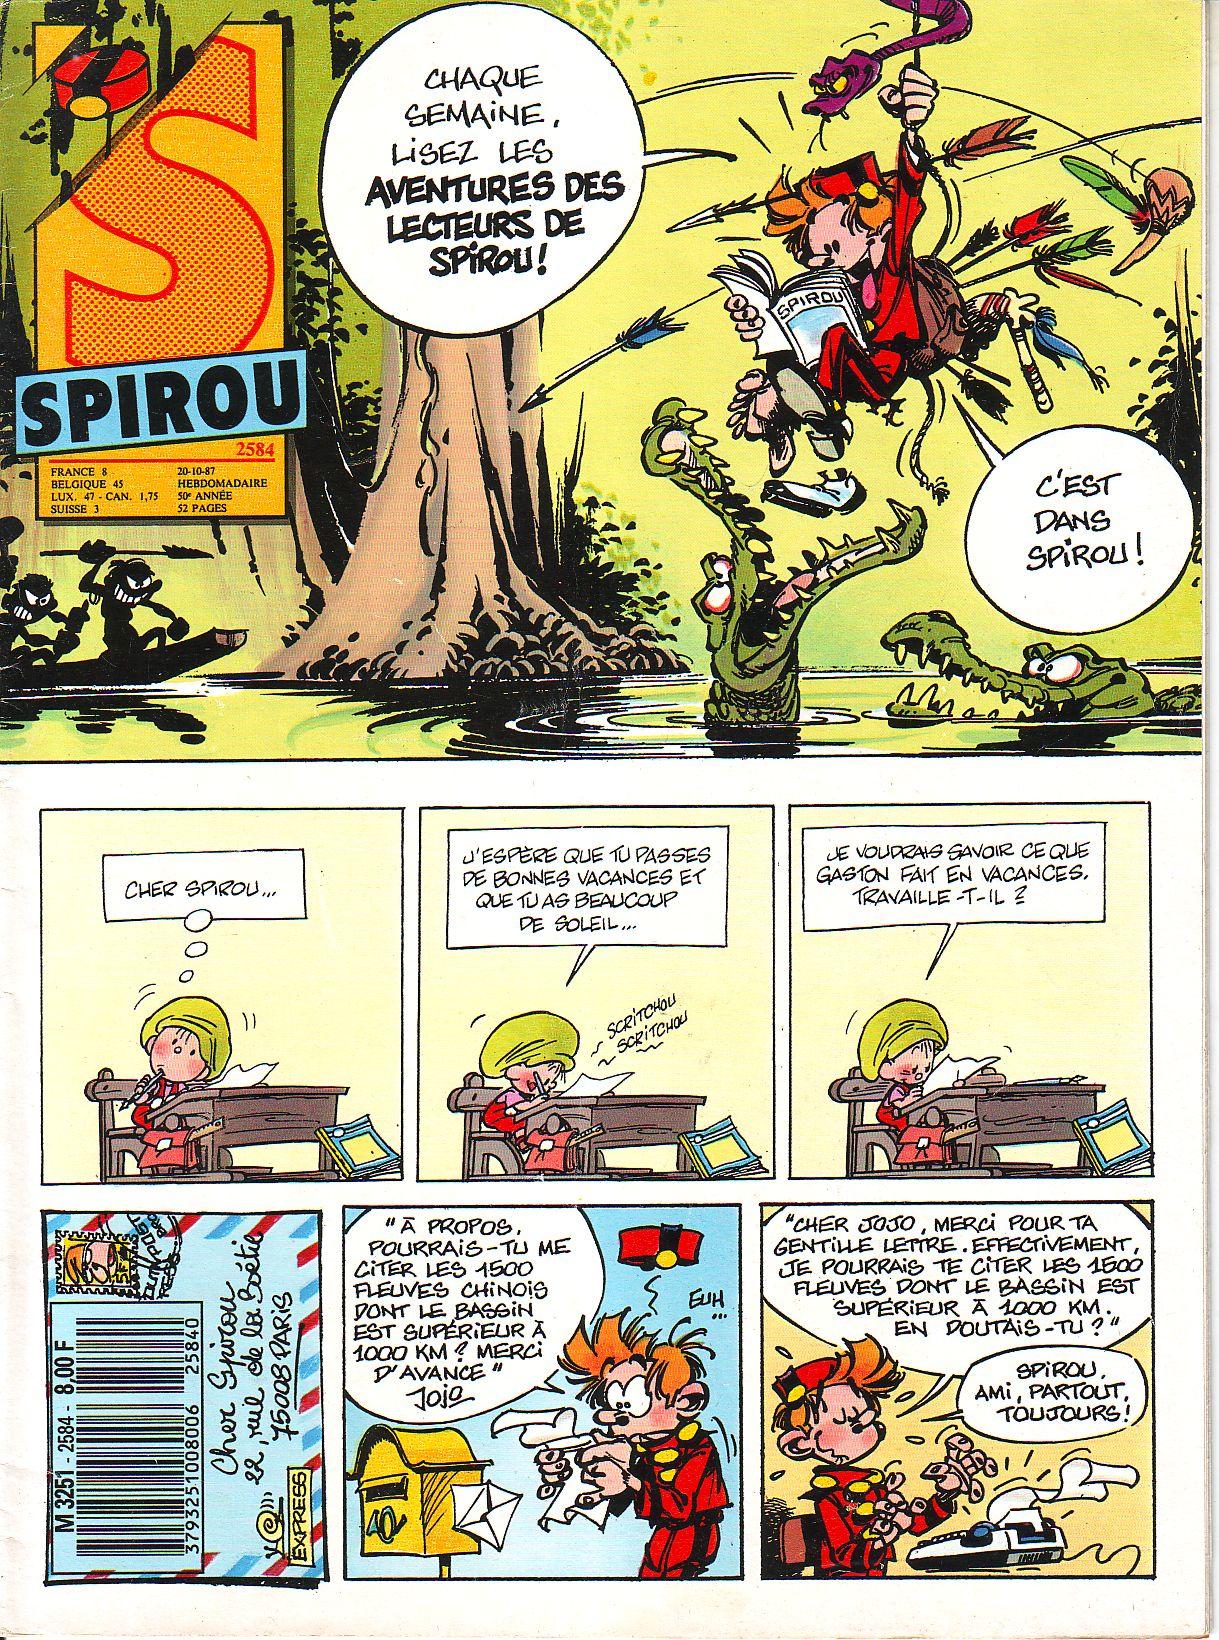 Le journal de Spirou 2584